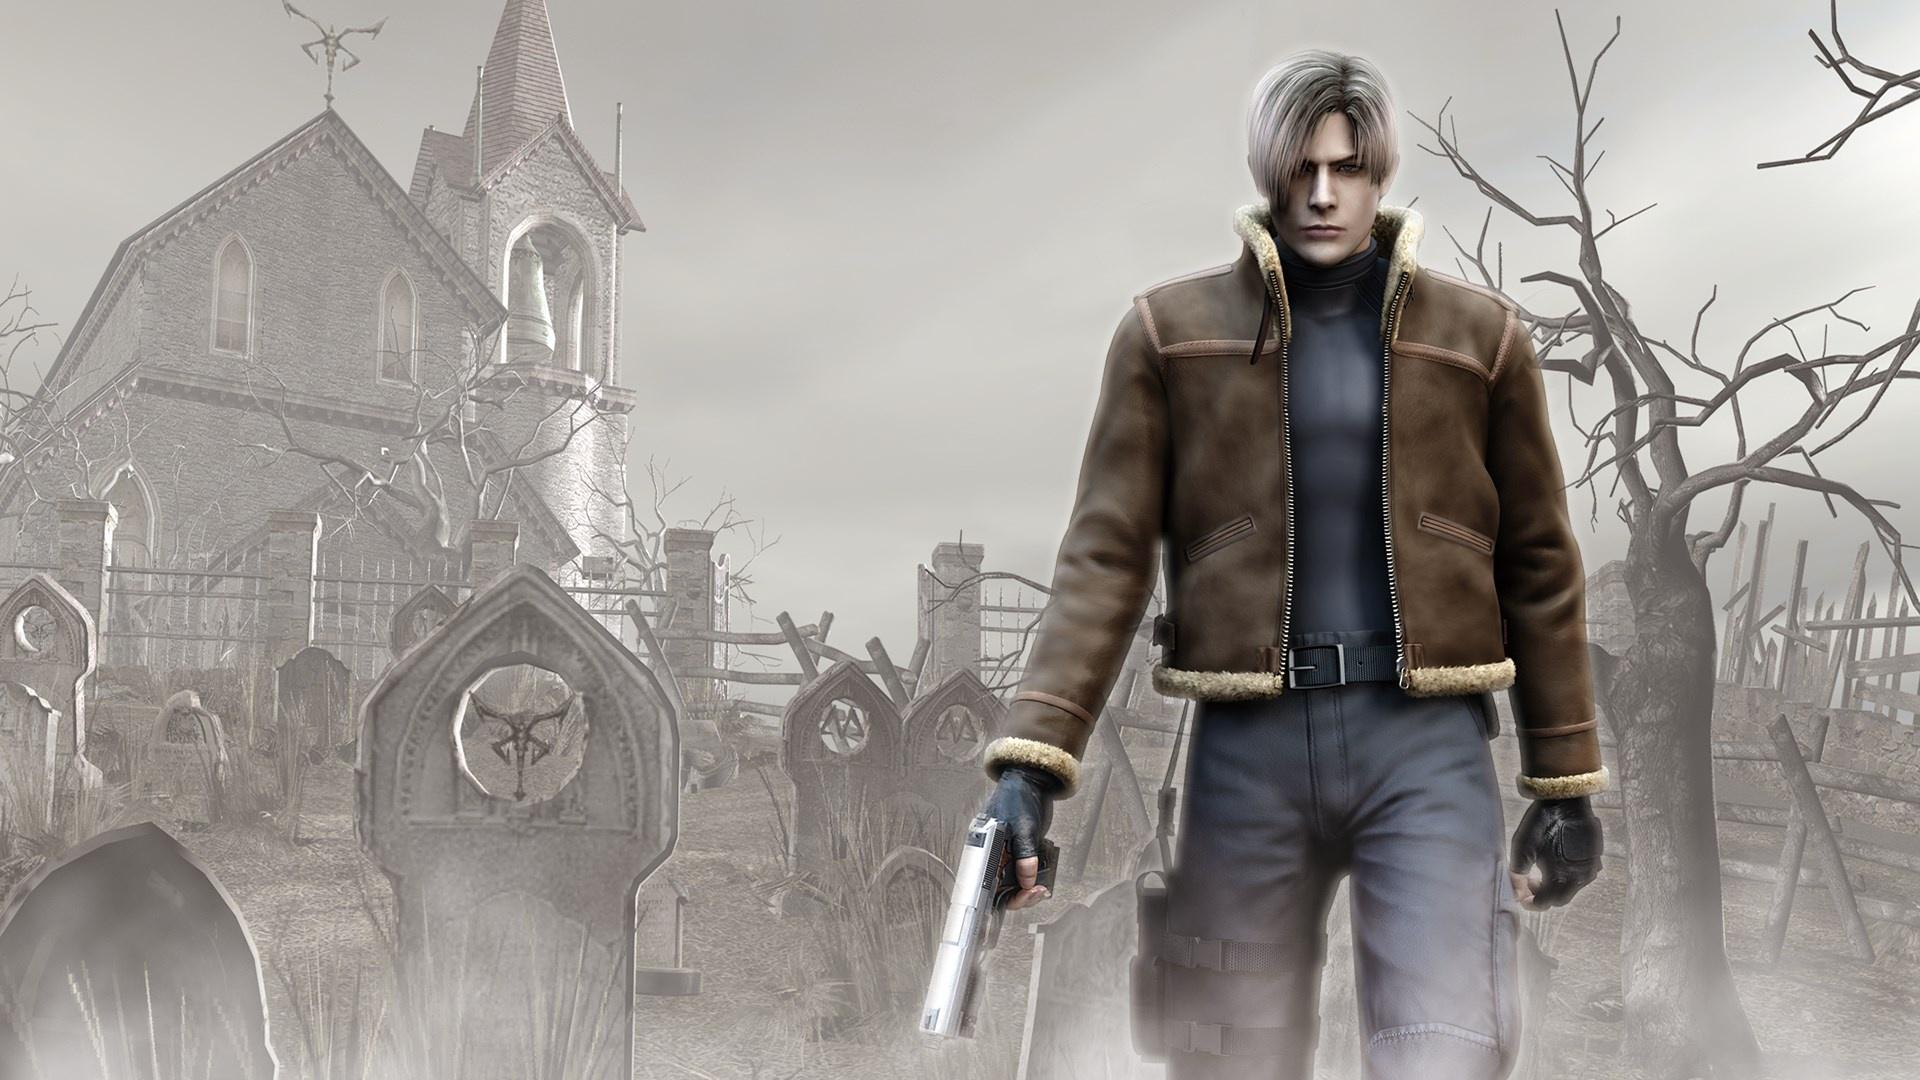 СМИ: в 2022 году выйдет ремейк Resident Evil4 — его одобрил Синдзи Миками